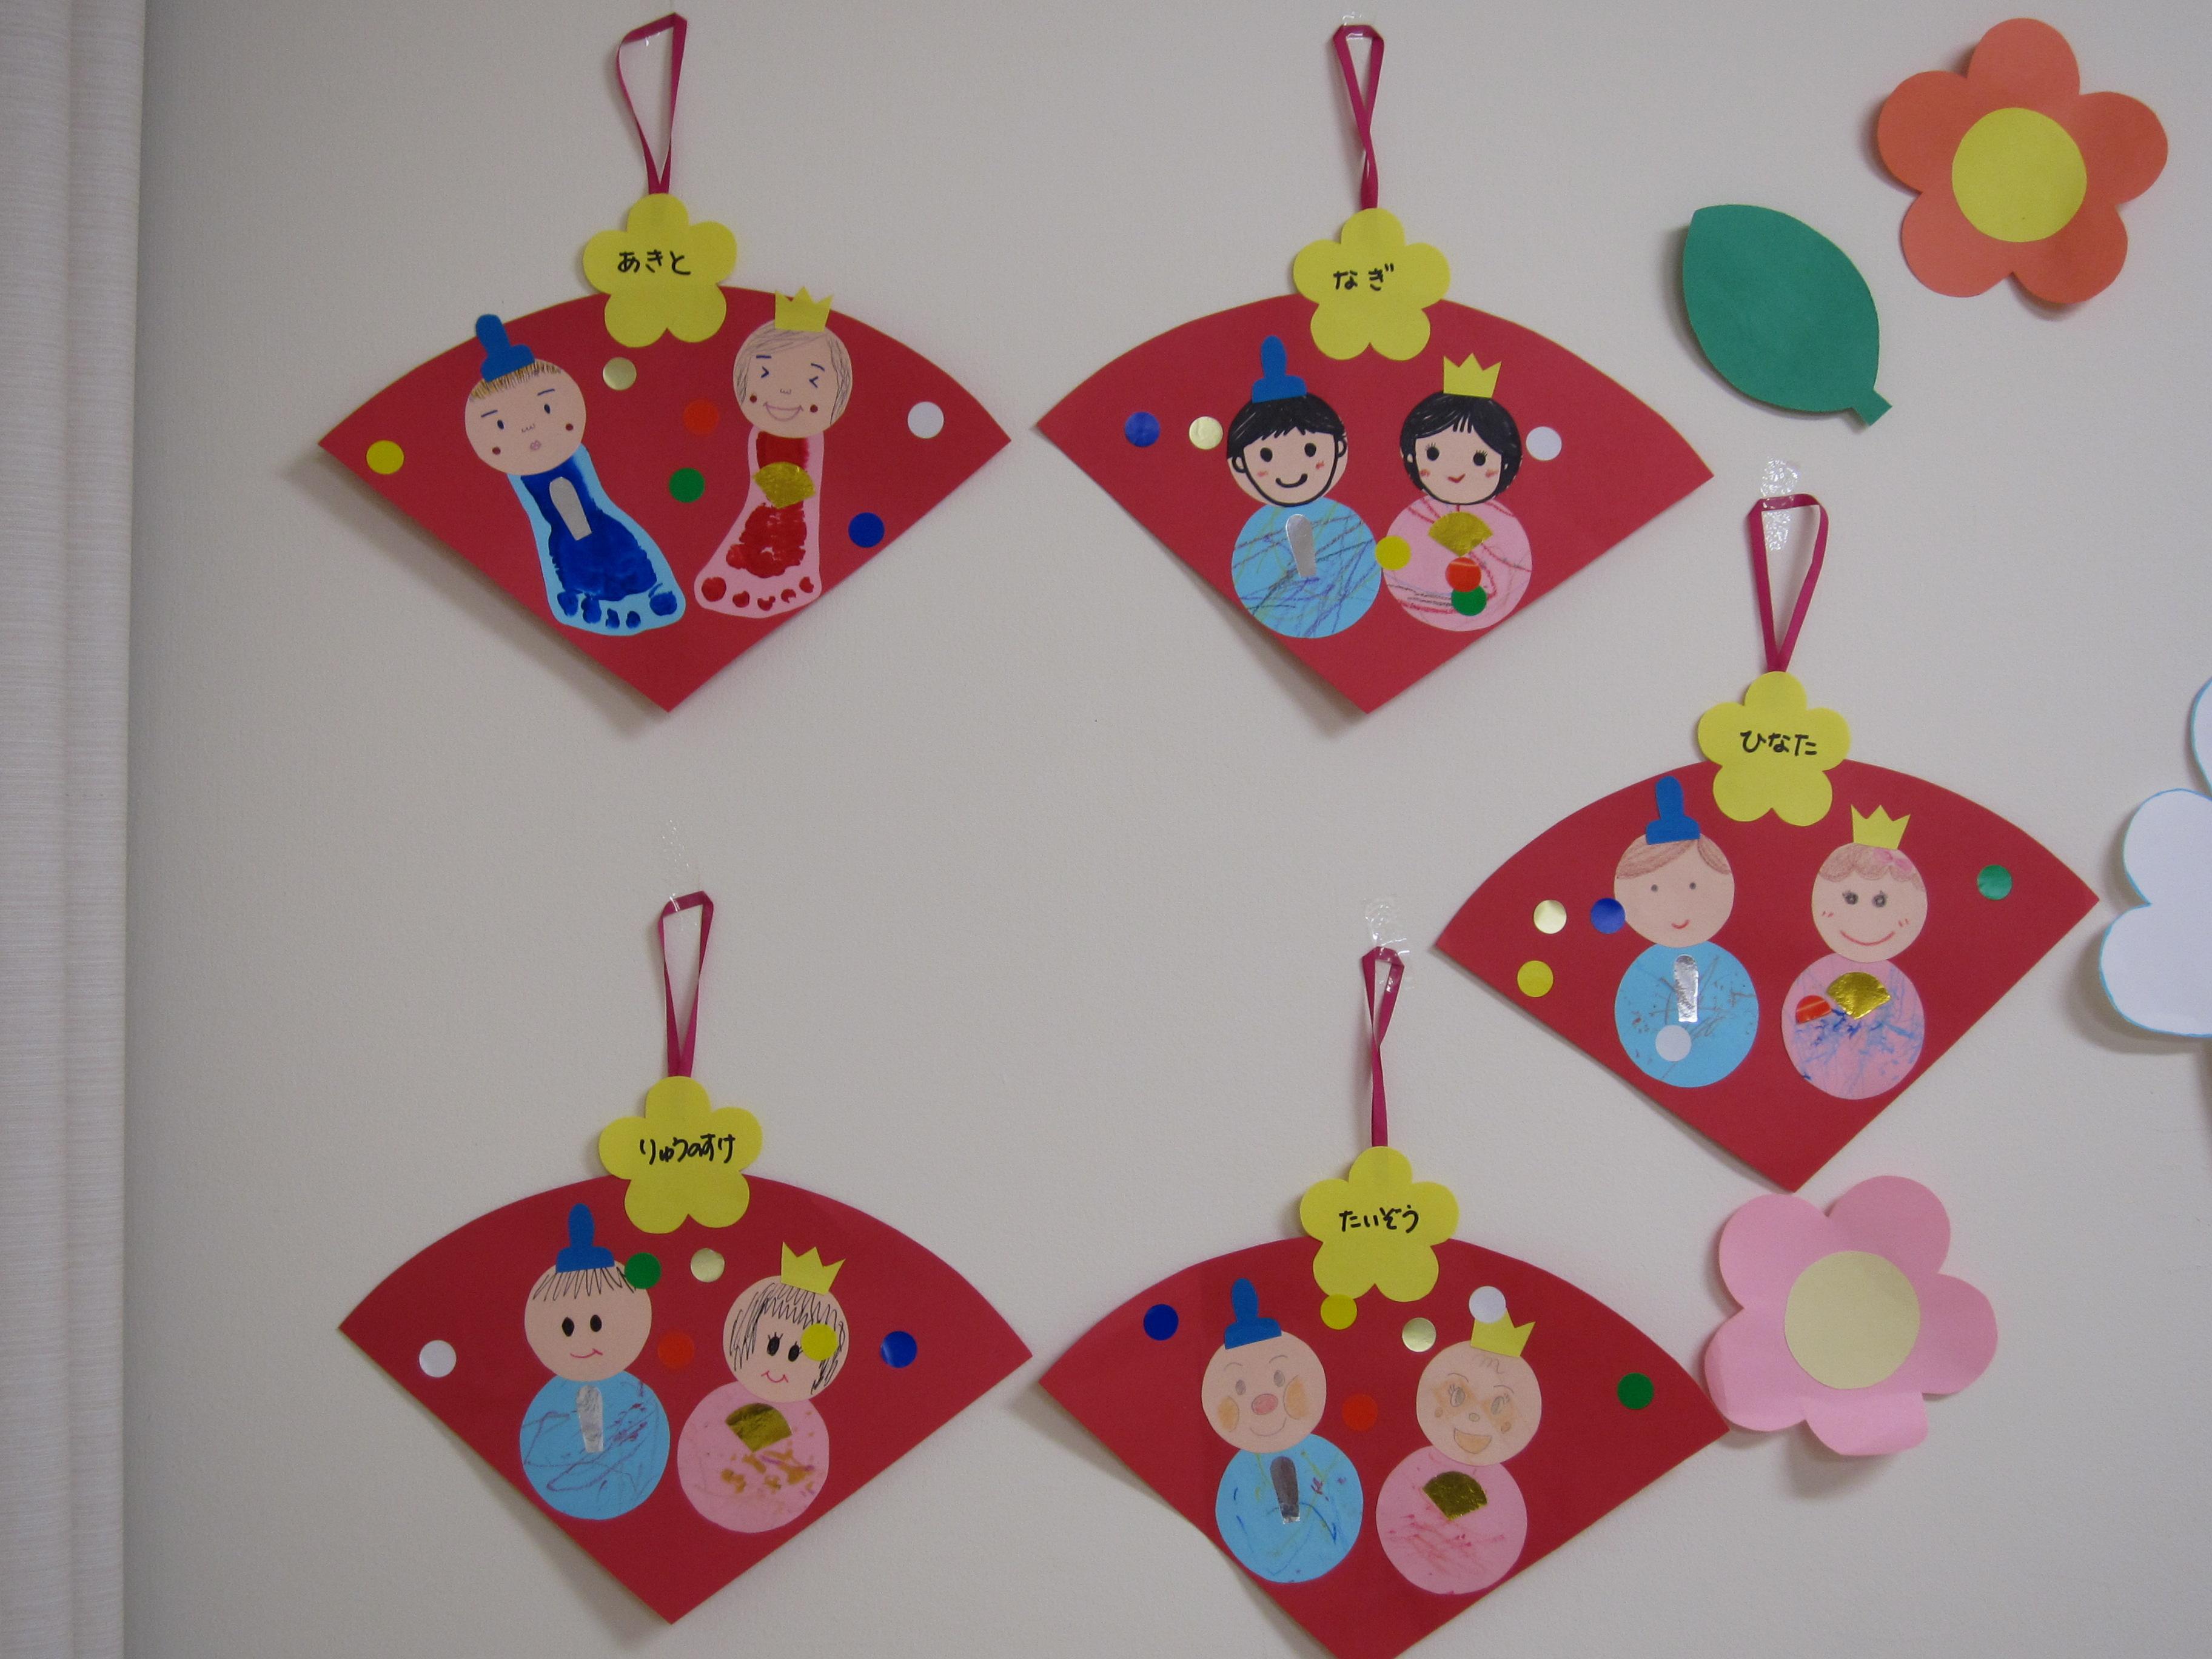 画像 : ひなまつり製作画像 ... : 折り紙 子ども : 折り紙